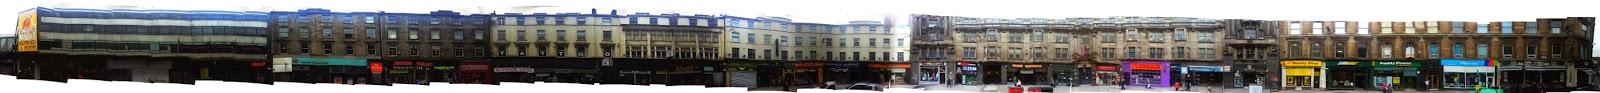 Union Street, Glasgow